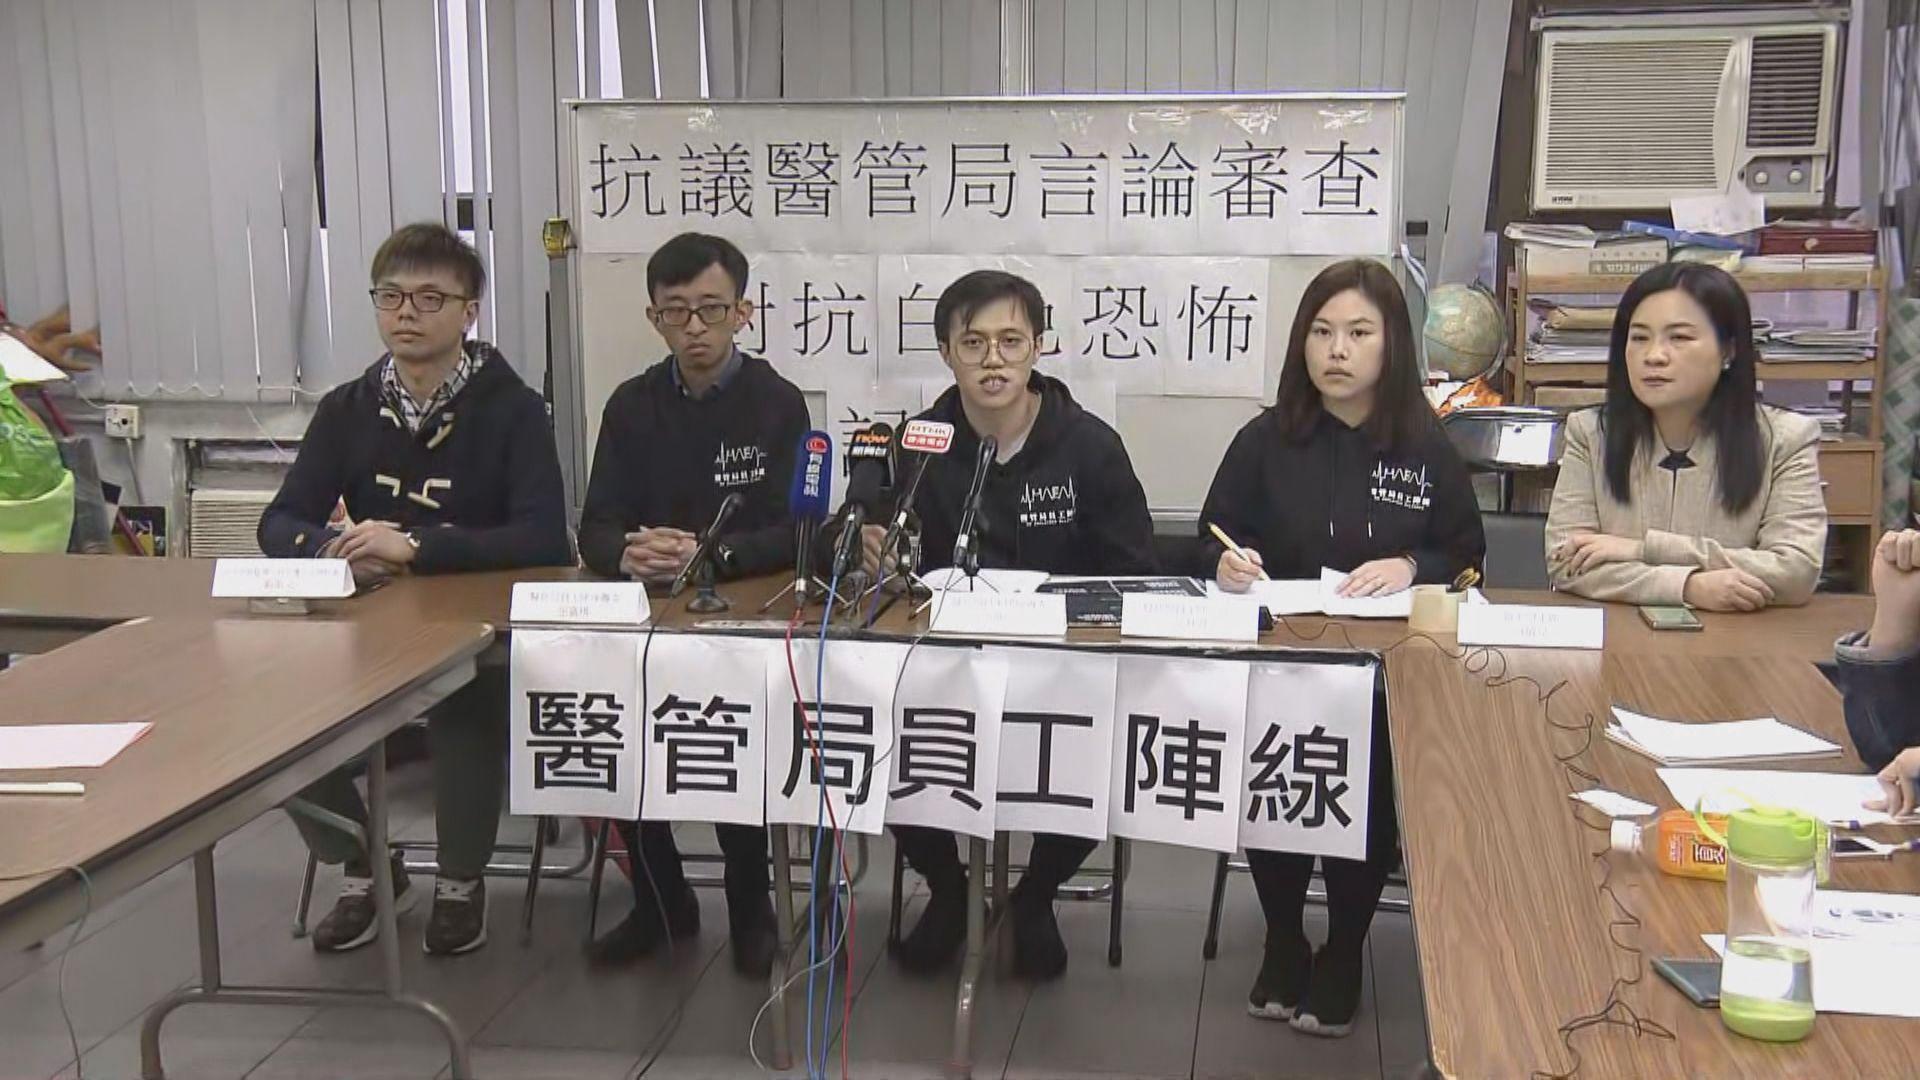 新工會申請醫院擺街站被拒批醫管局打壓